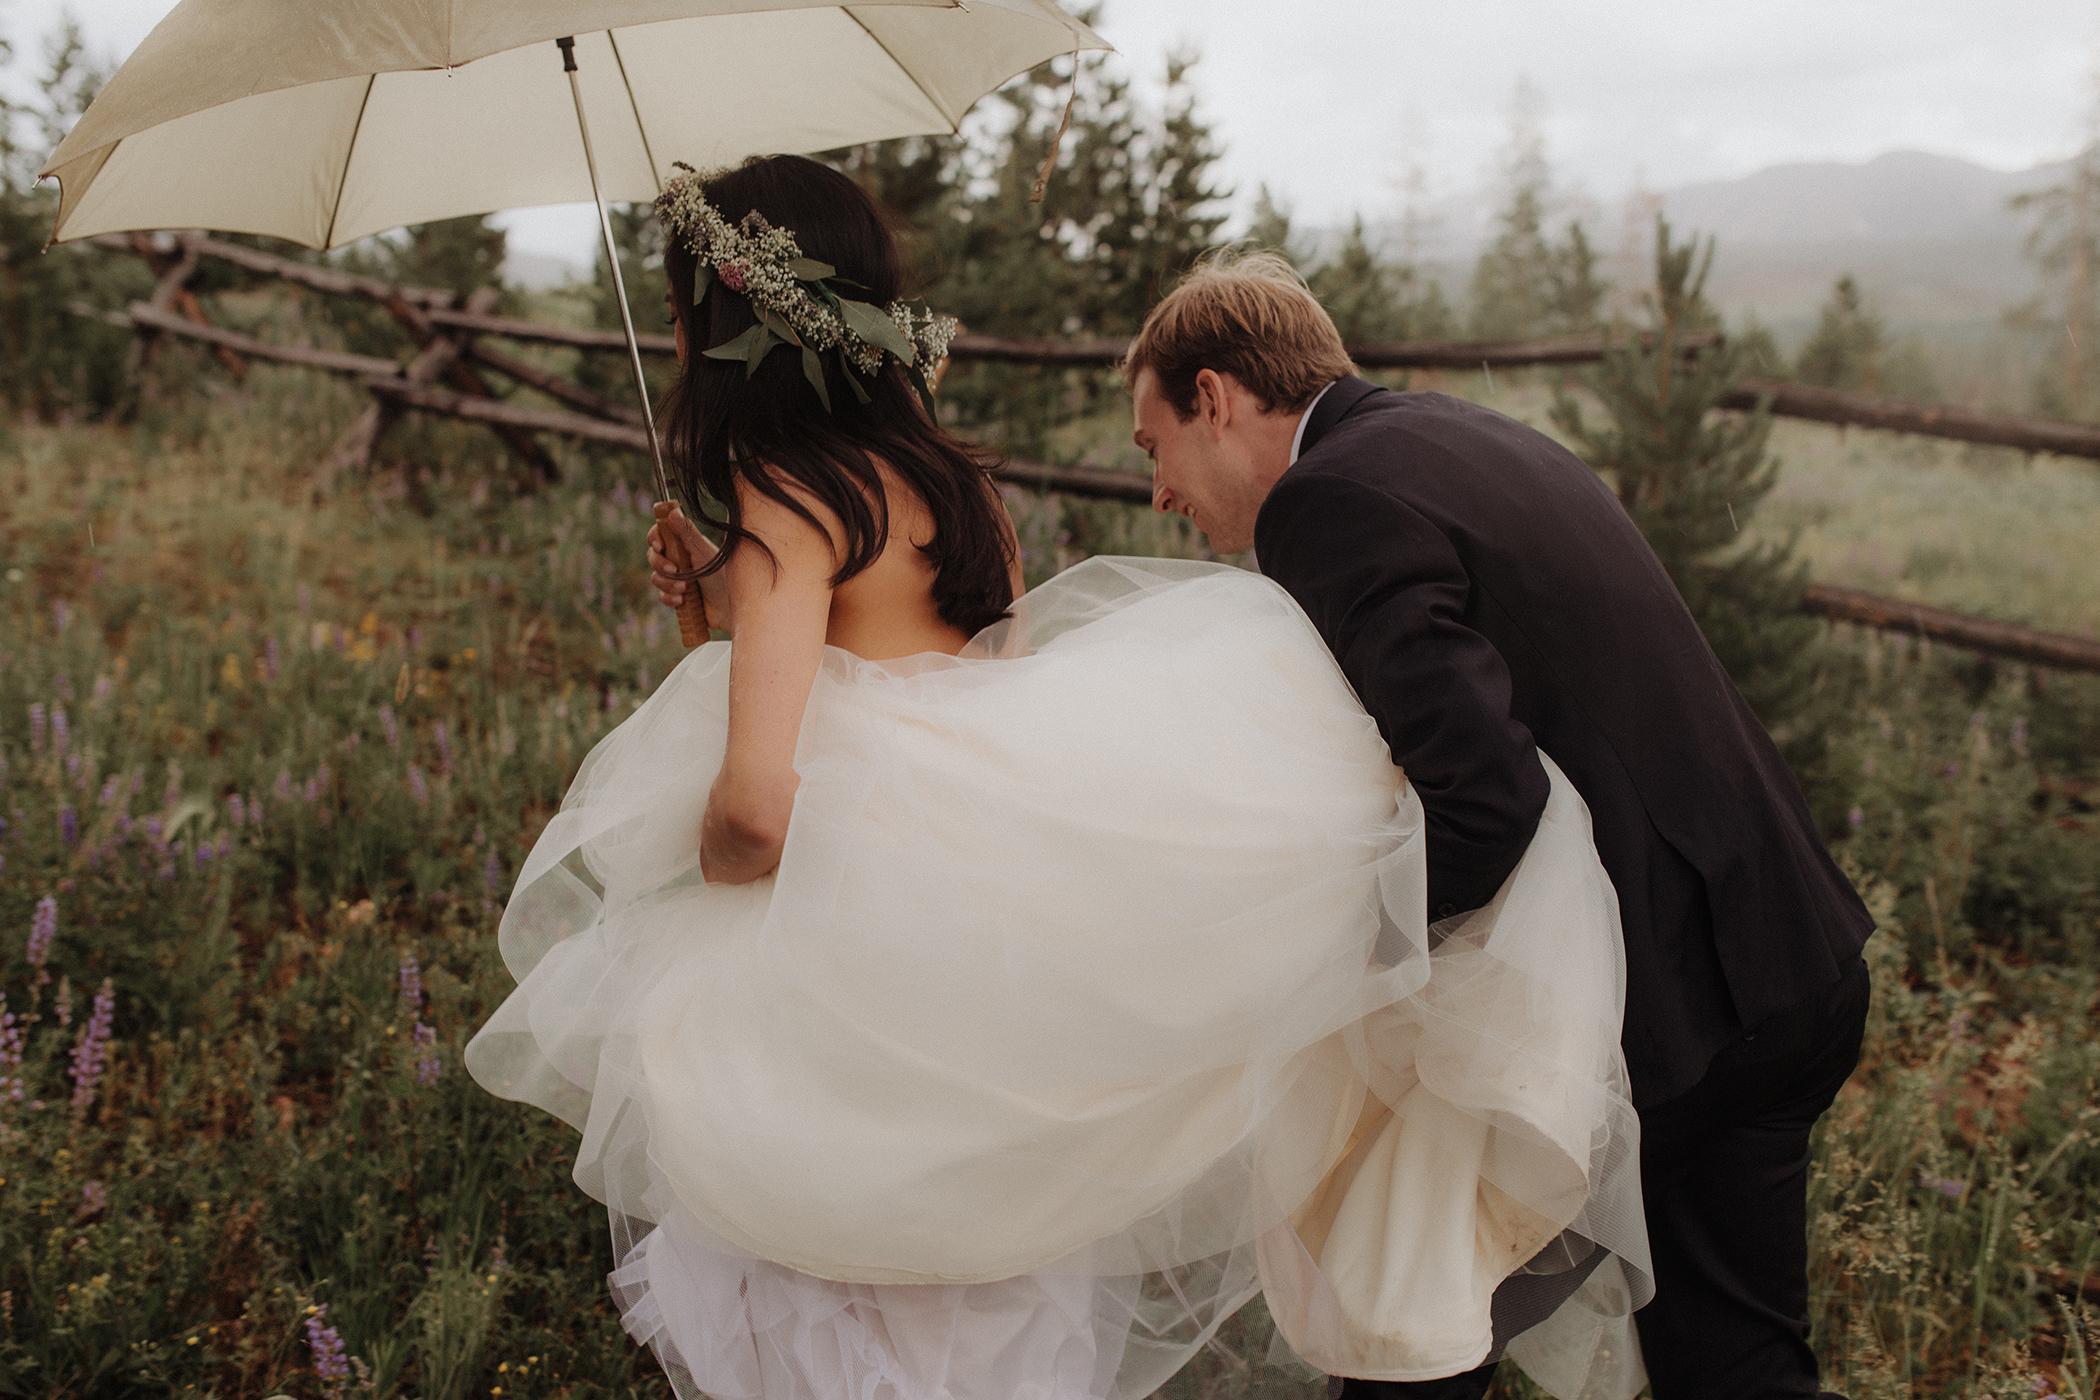 devils-ranch-colorado-wedding-photographer-3.jpg